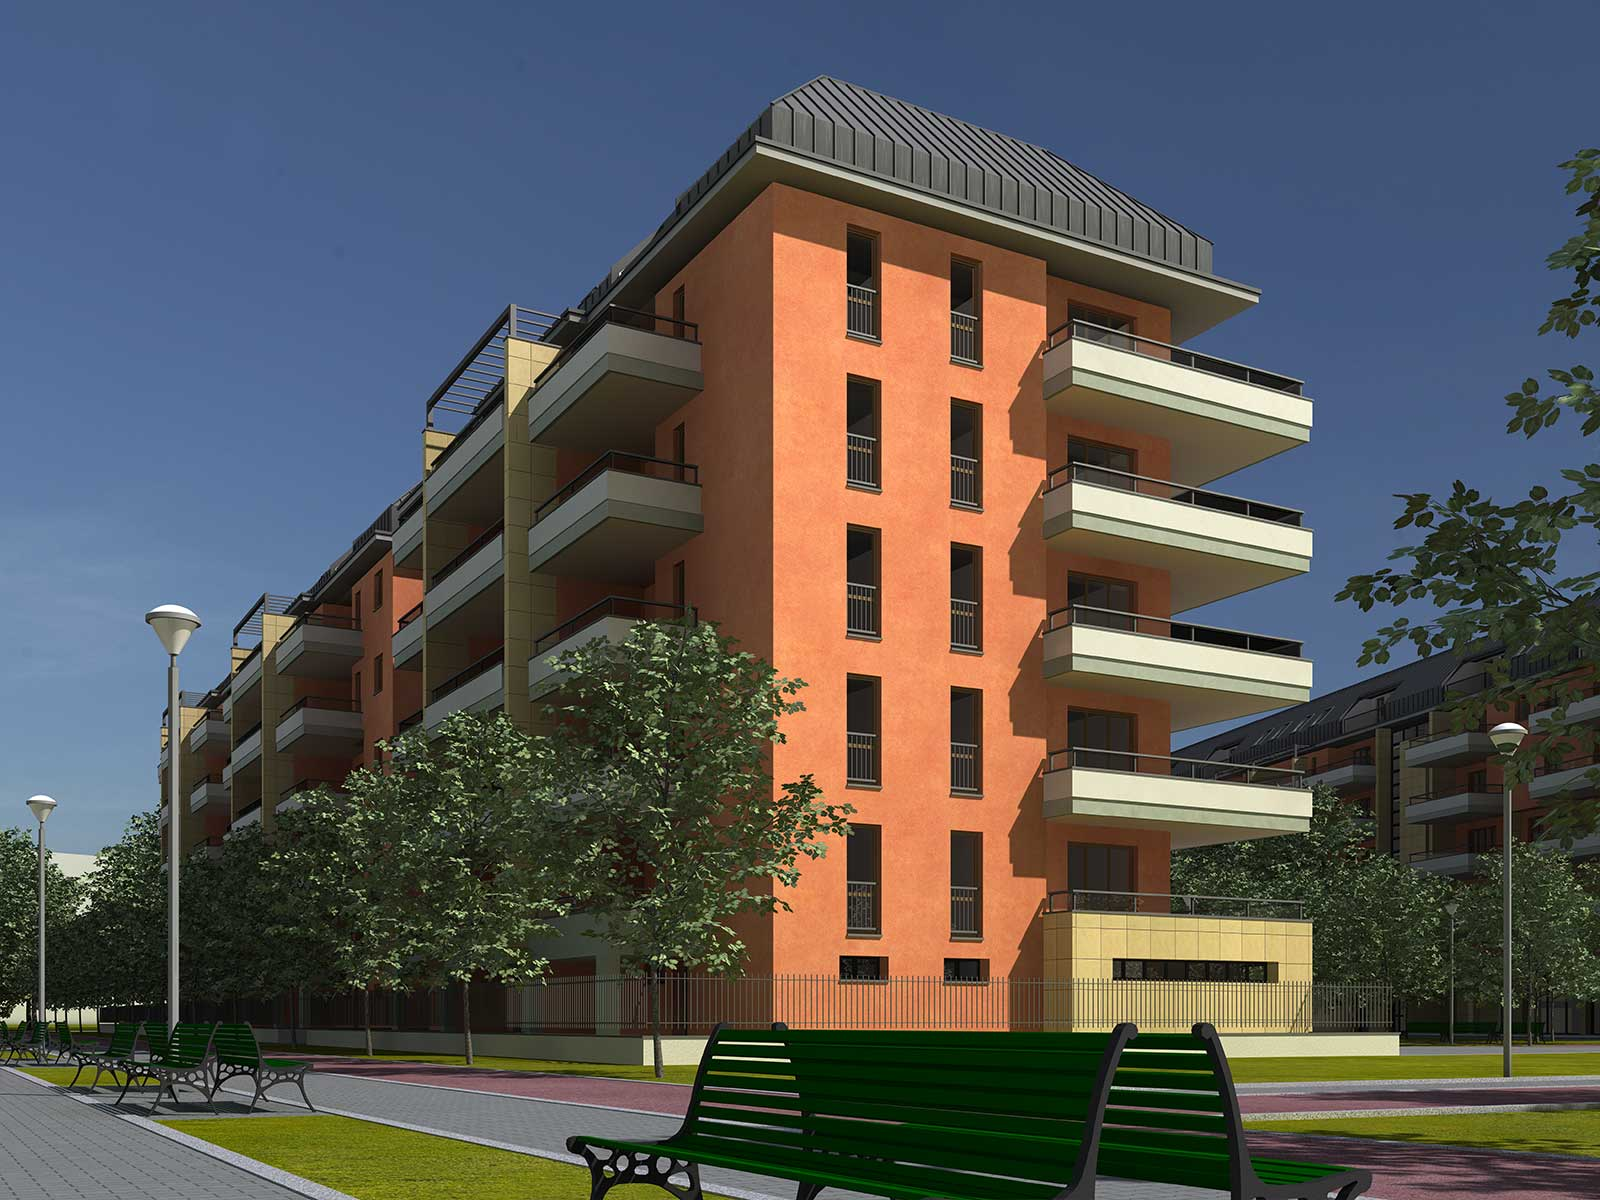 terrazze ripamonti milano progettazione 05